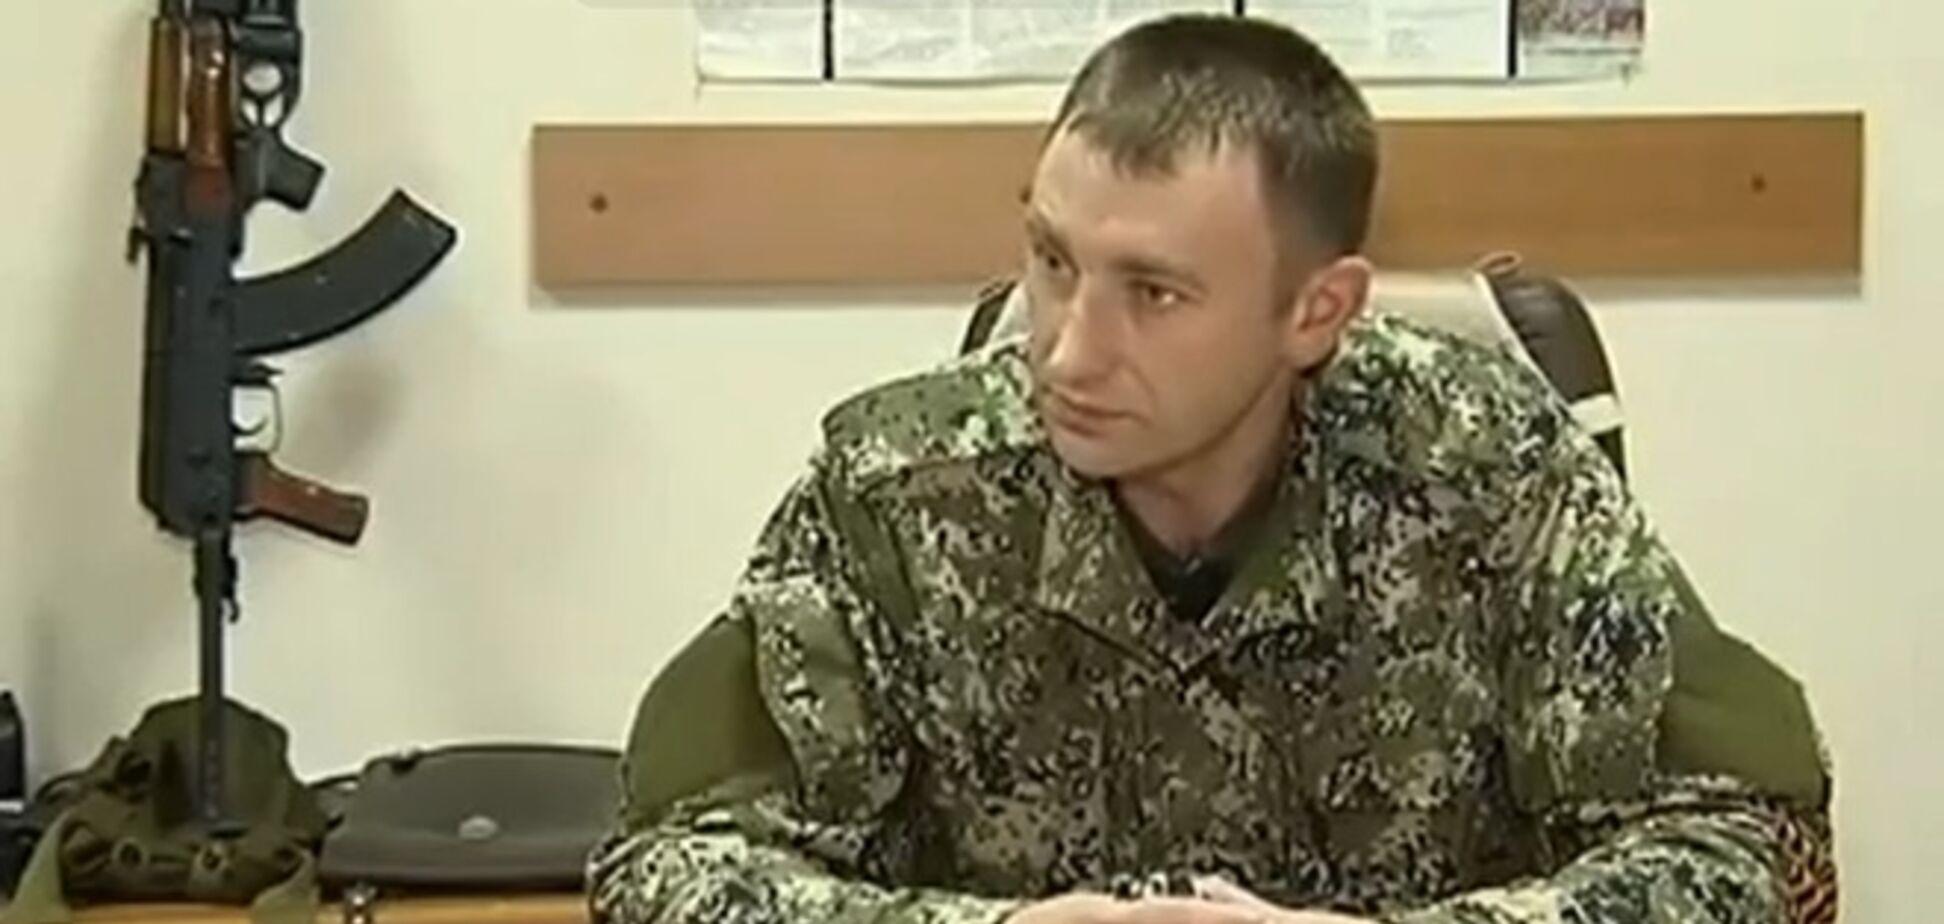 Диверсант 'Абвер' божится, что не имеет связей с ФСБ РФ